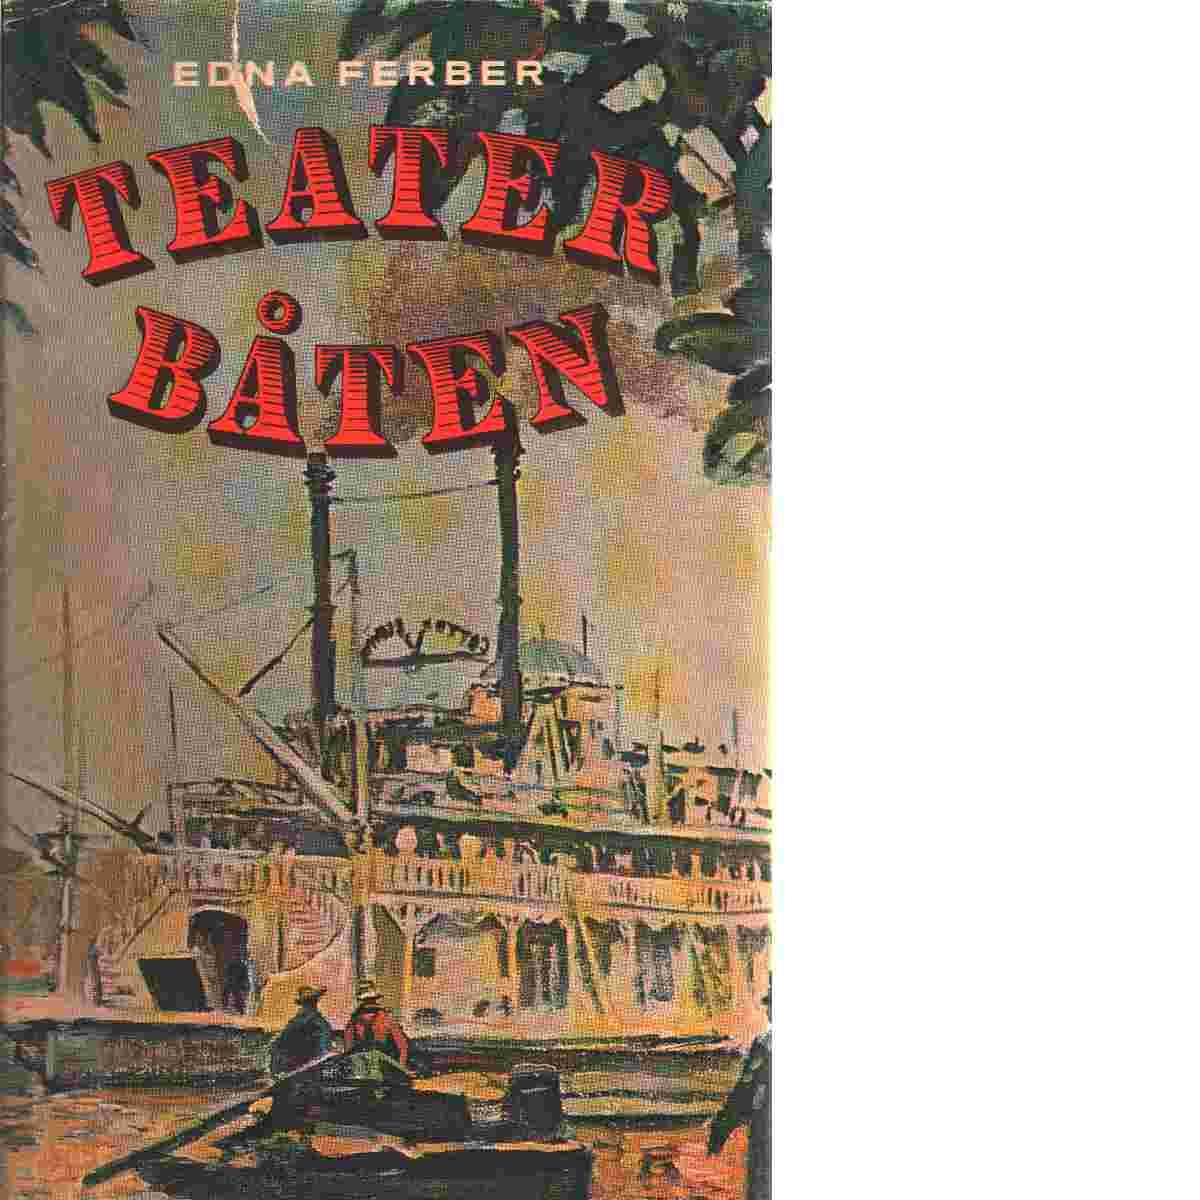 Teaterbåten - Ferber, Edna